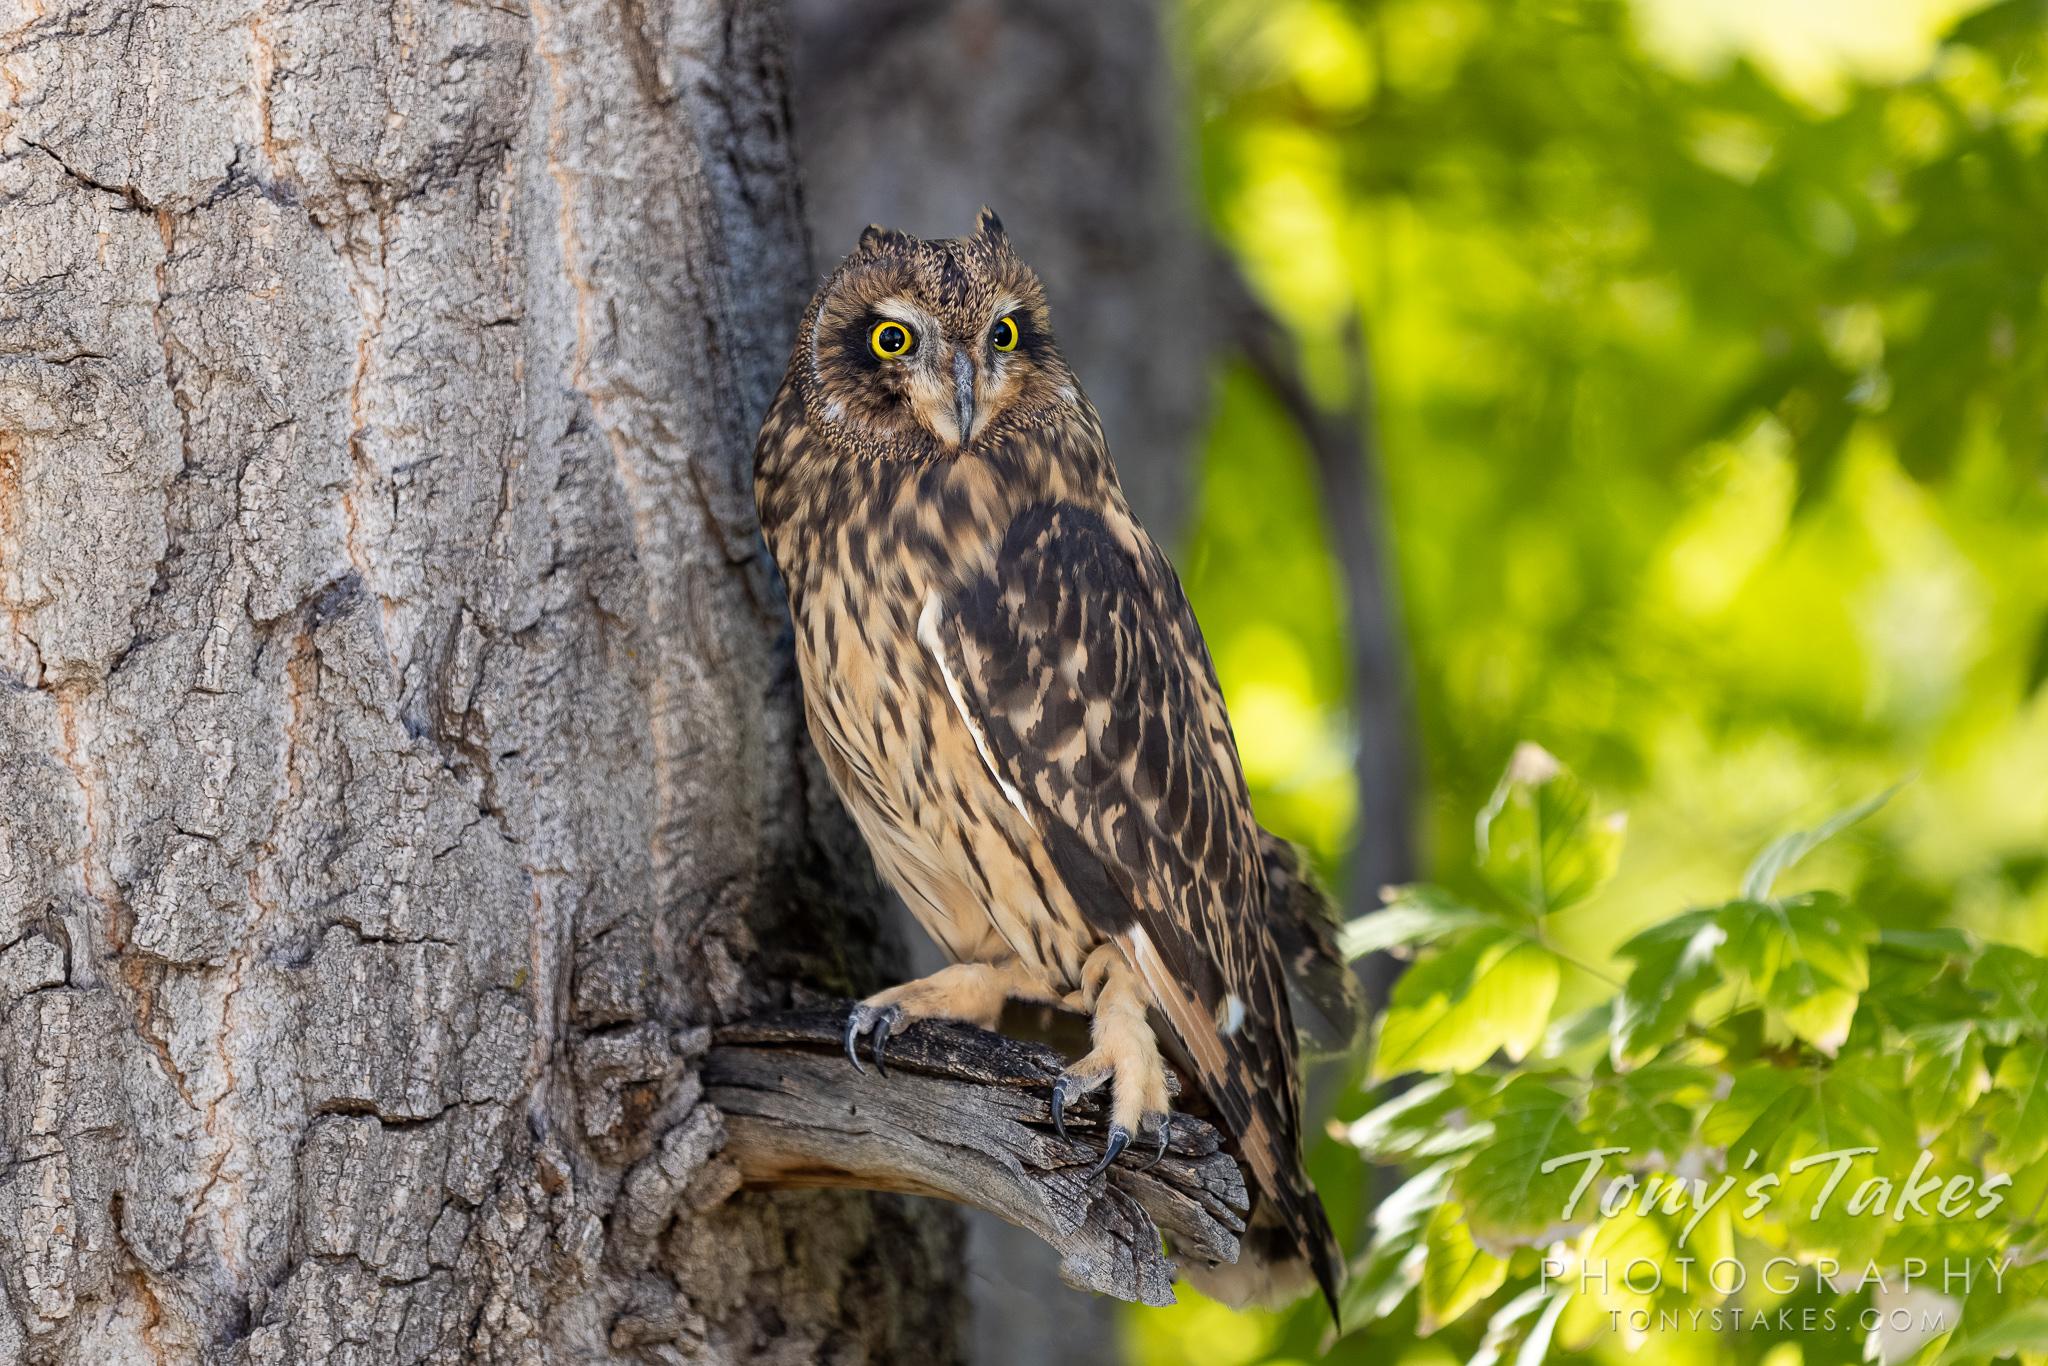 Wide-eyed short-eared owl keeping watch